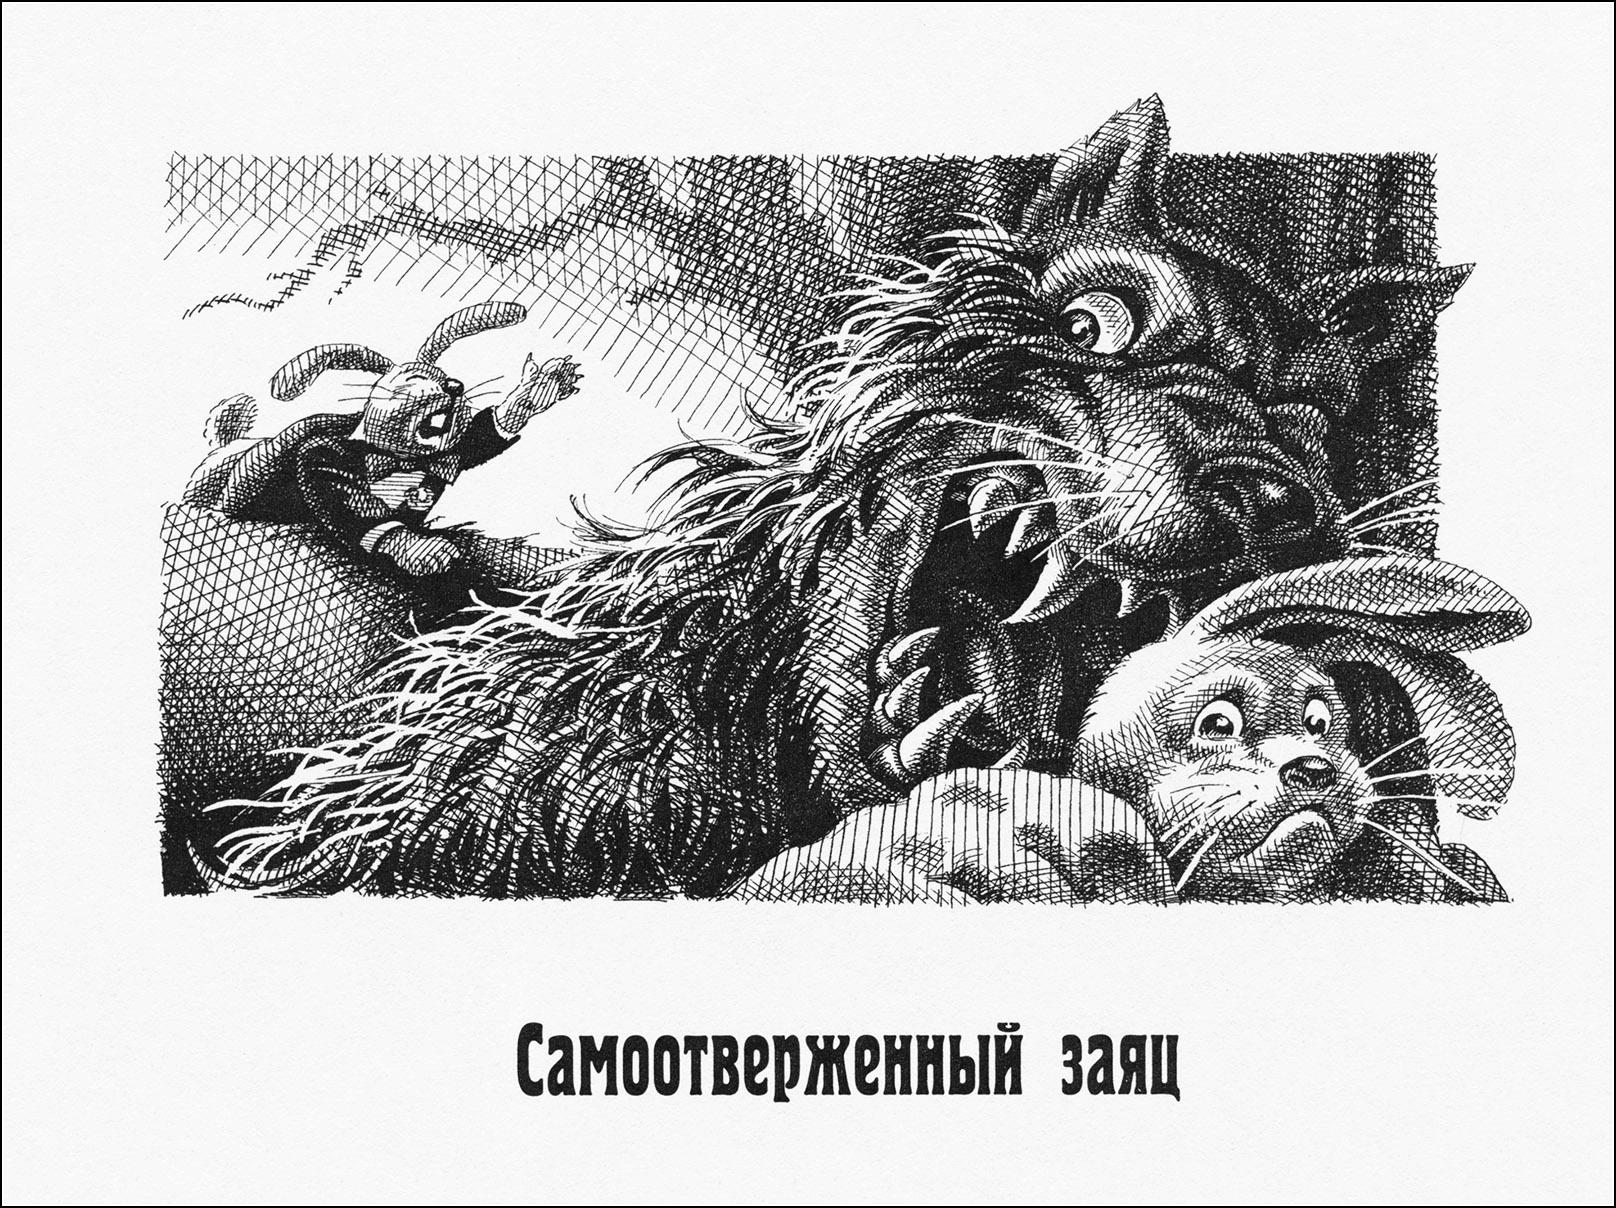 С. Лемехов. Михаил Салтыков-Щедрин: История одного города. Господа Головлевы. Сказки.